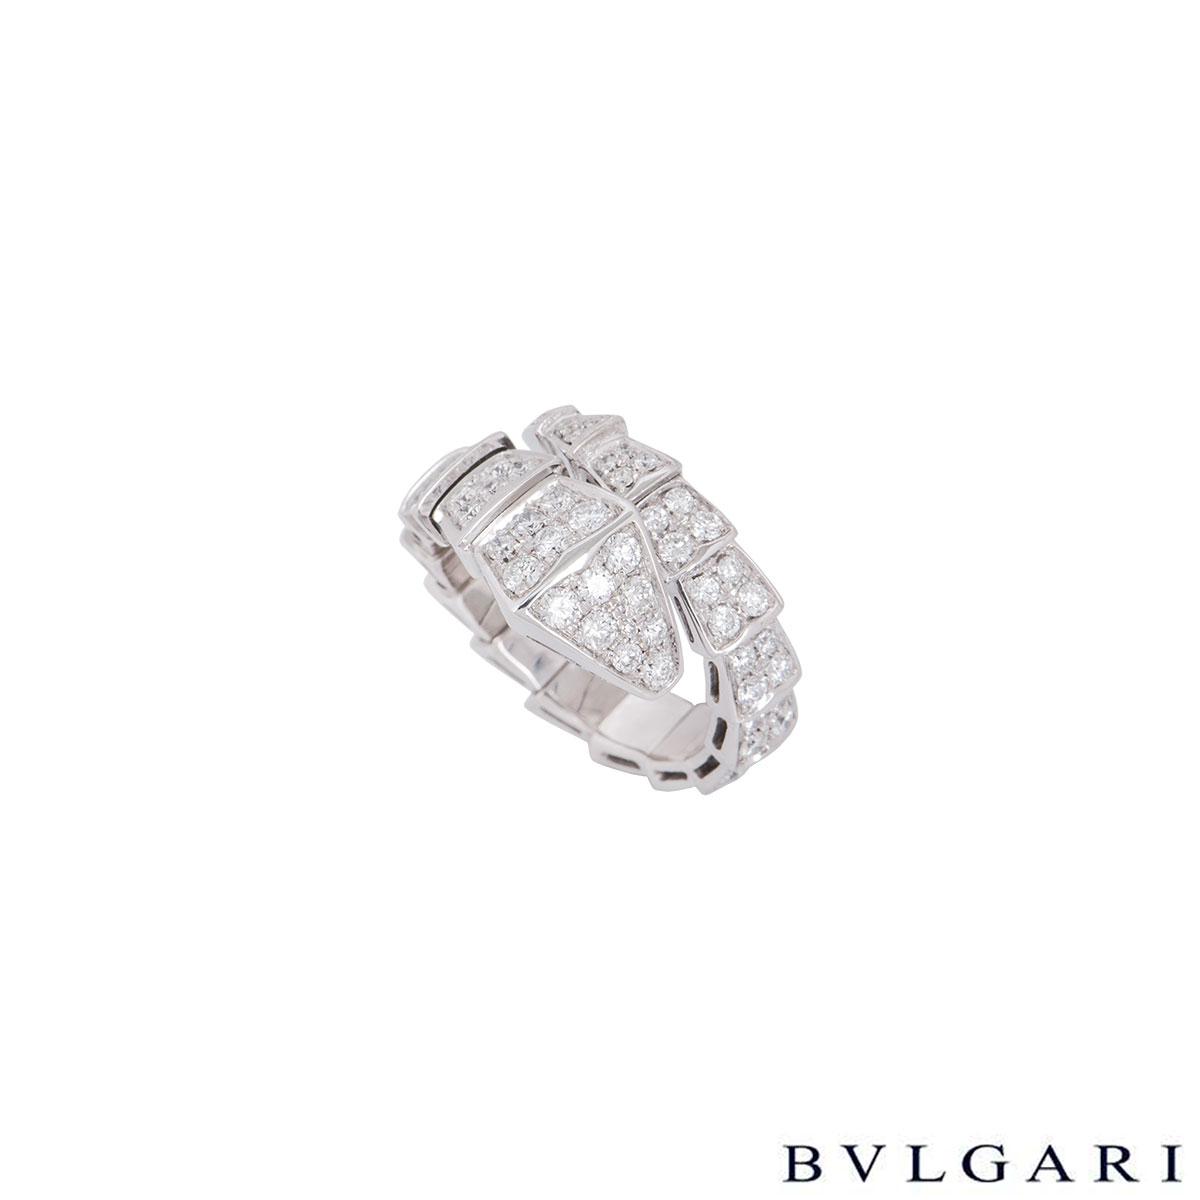 29318551012af Bvlgari White Gold Diamond Serpenti Ring 347721